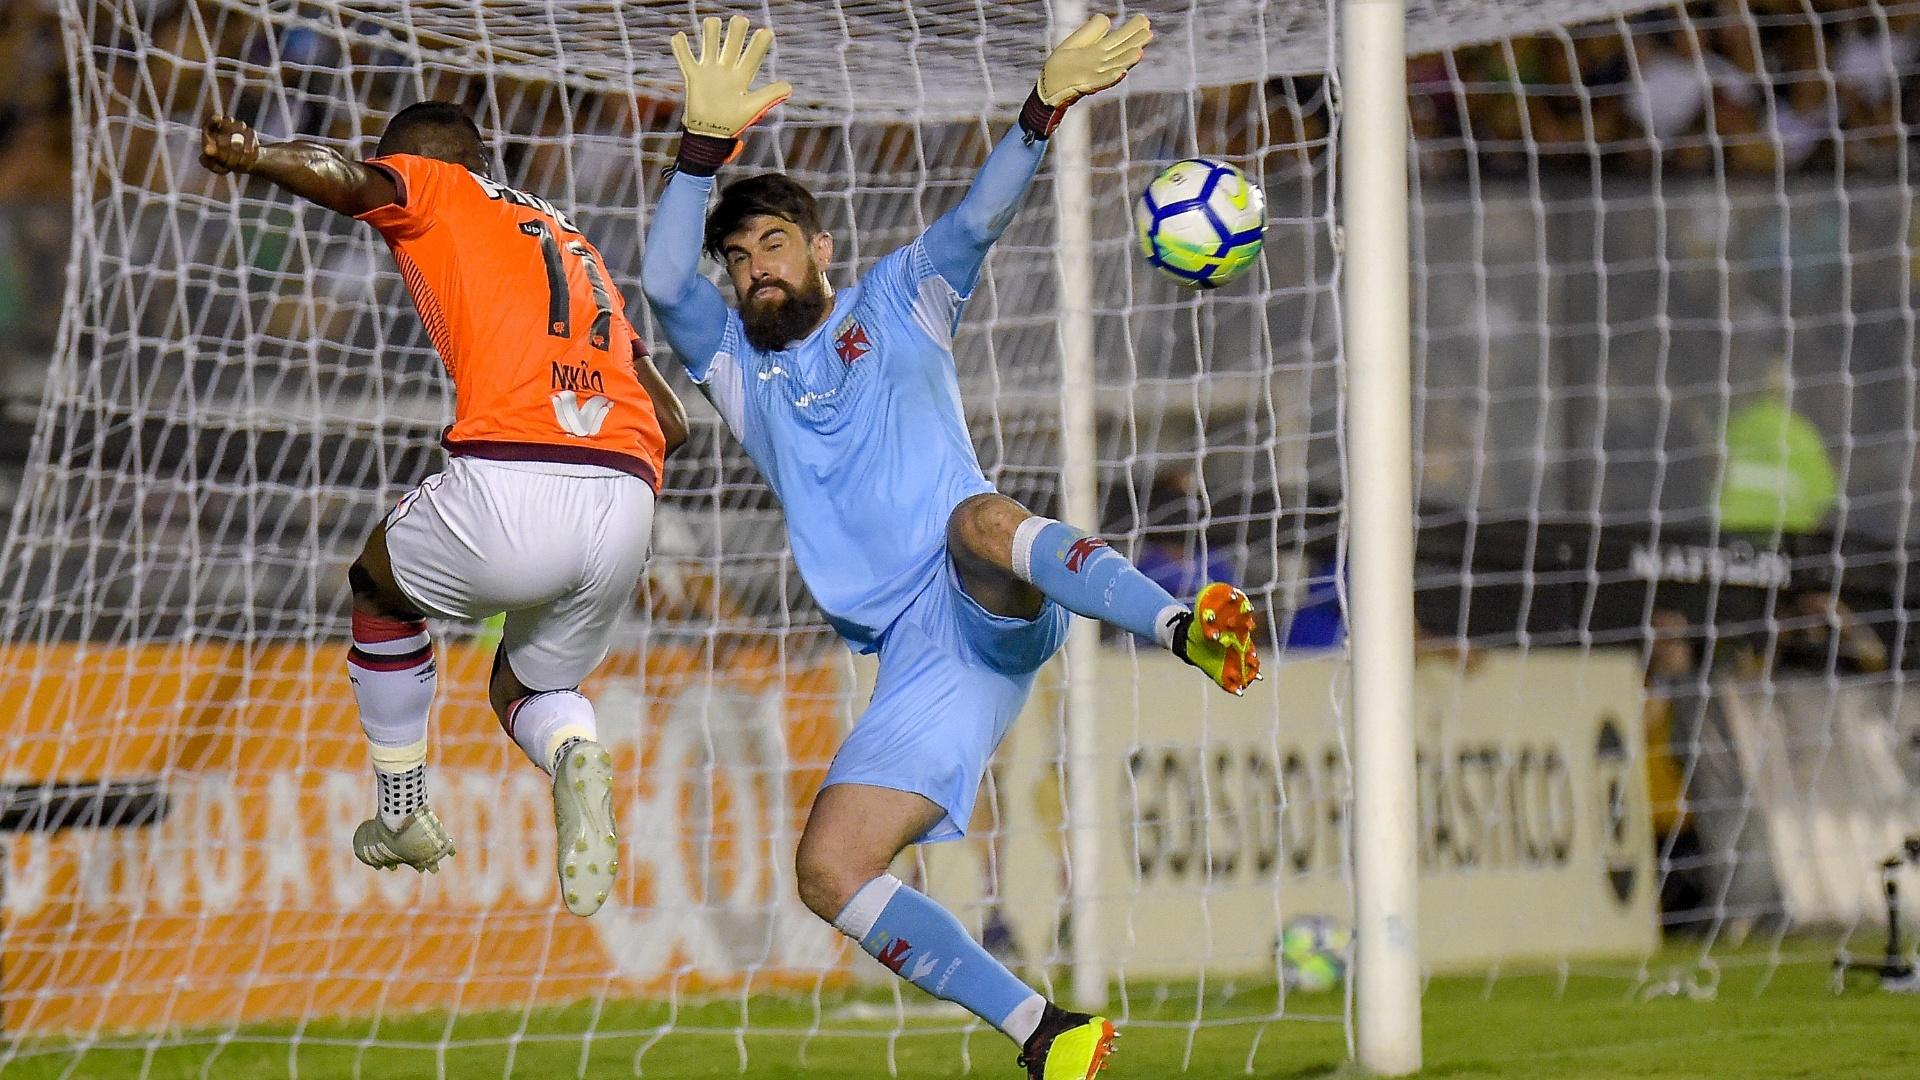 O goleiro Fernando Miguel tenta evitar ataque de Nikão no jogo entre Vasco e Atlético-PR